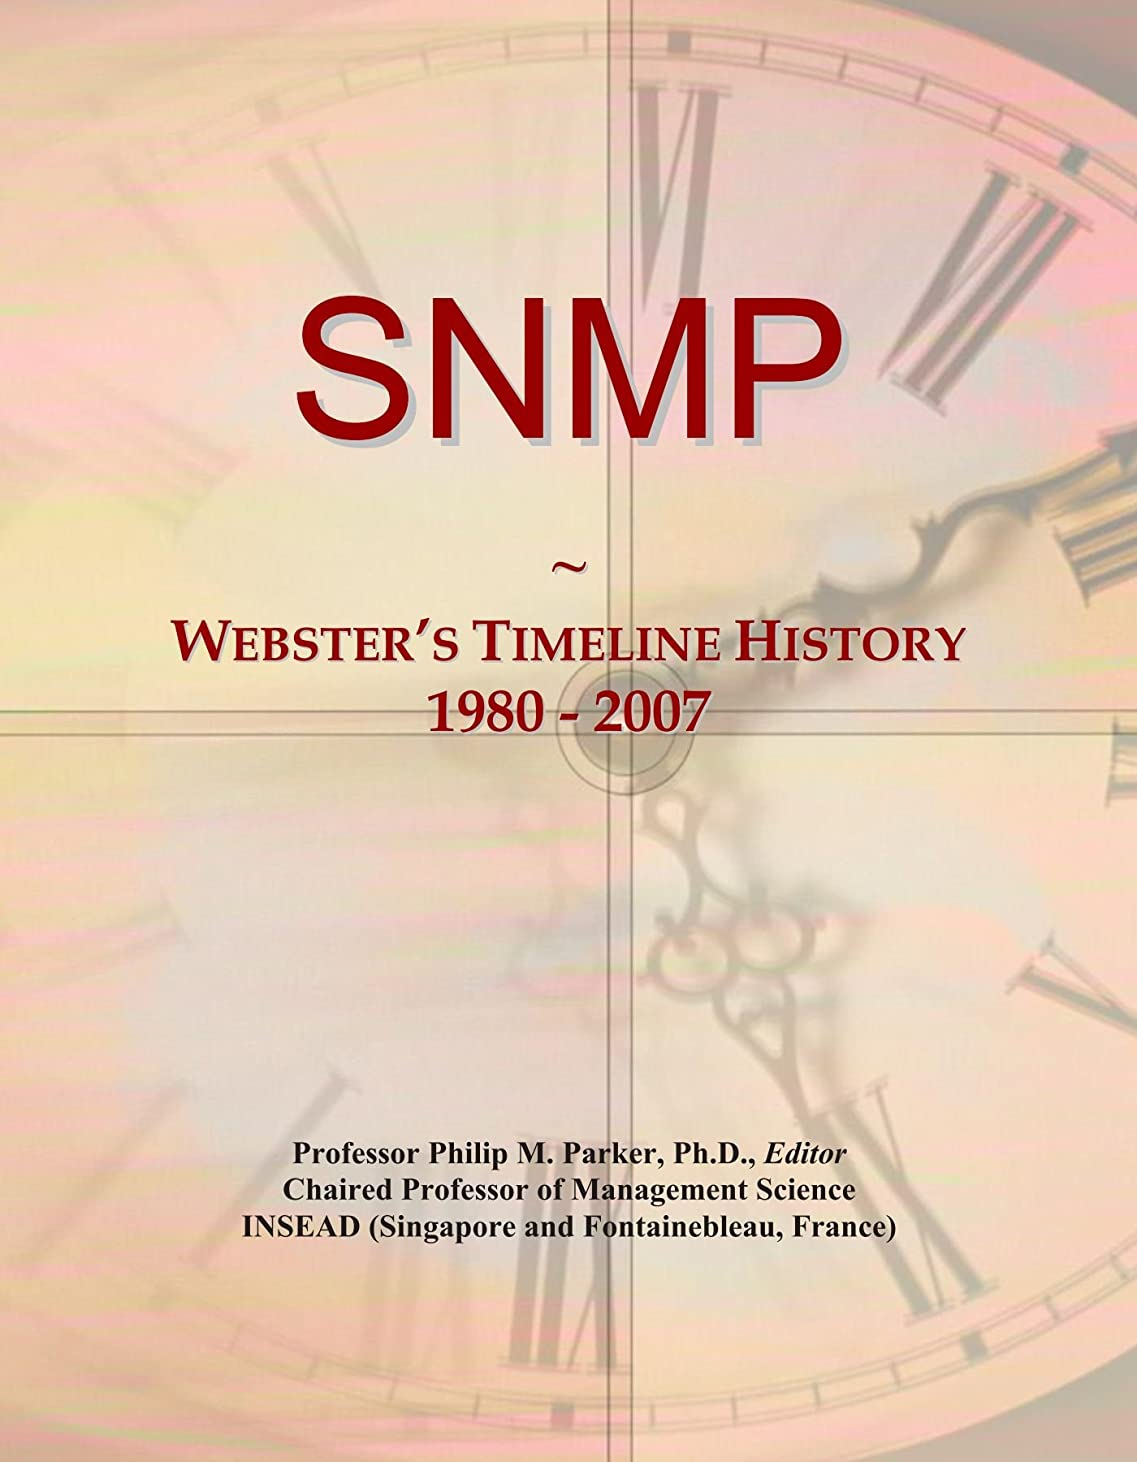 腐食する荒れ地アスペクトSNMP: Webster's Timeline History, 1980 - 2007